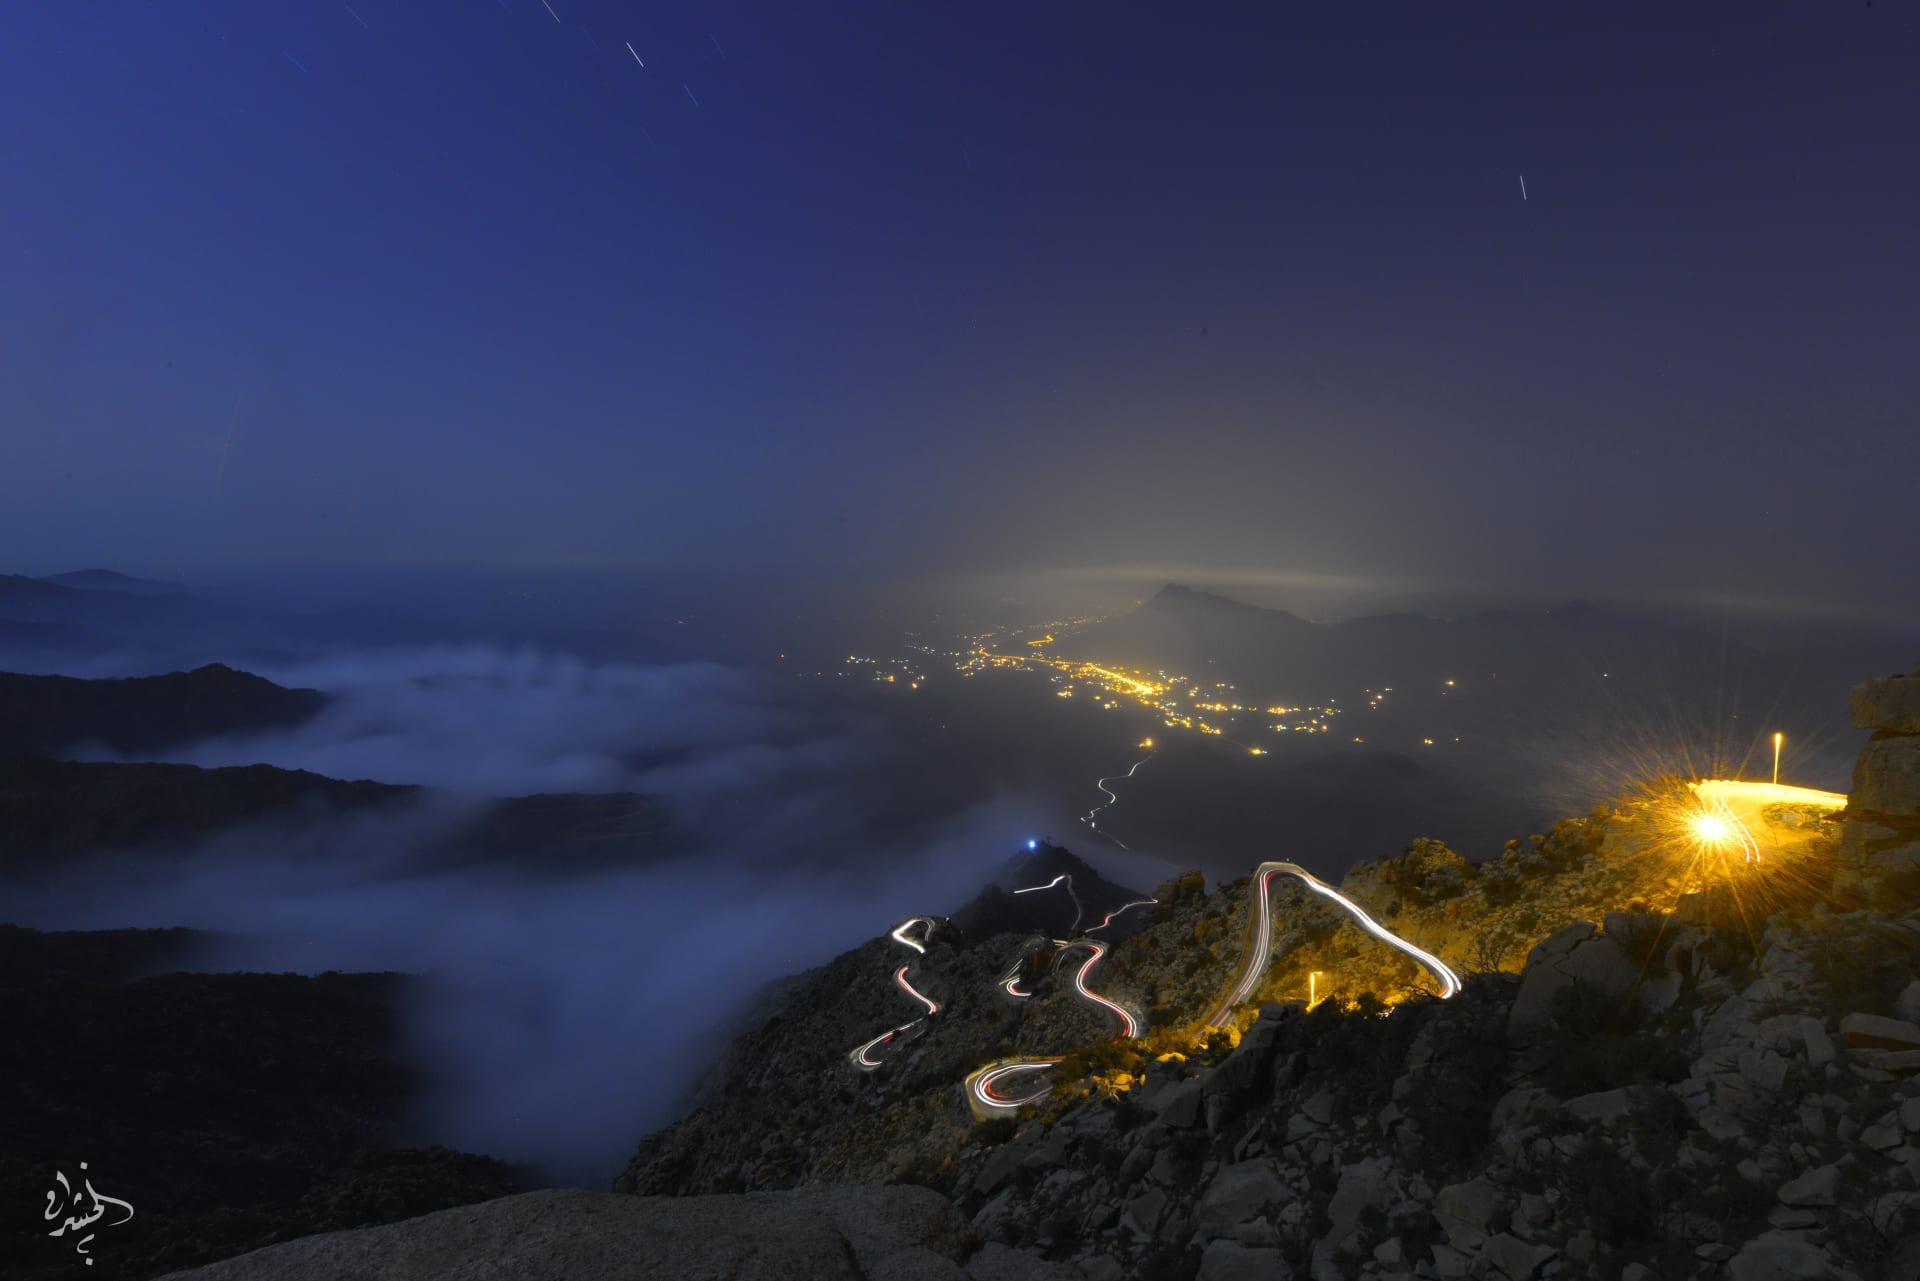 """""""على شرفات الشواهق"""".. مصور يوثق مشاهد حالمة للسحب التي تعانق جبال السروات بالسعودية"""